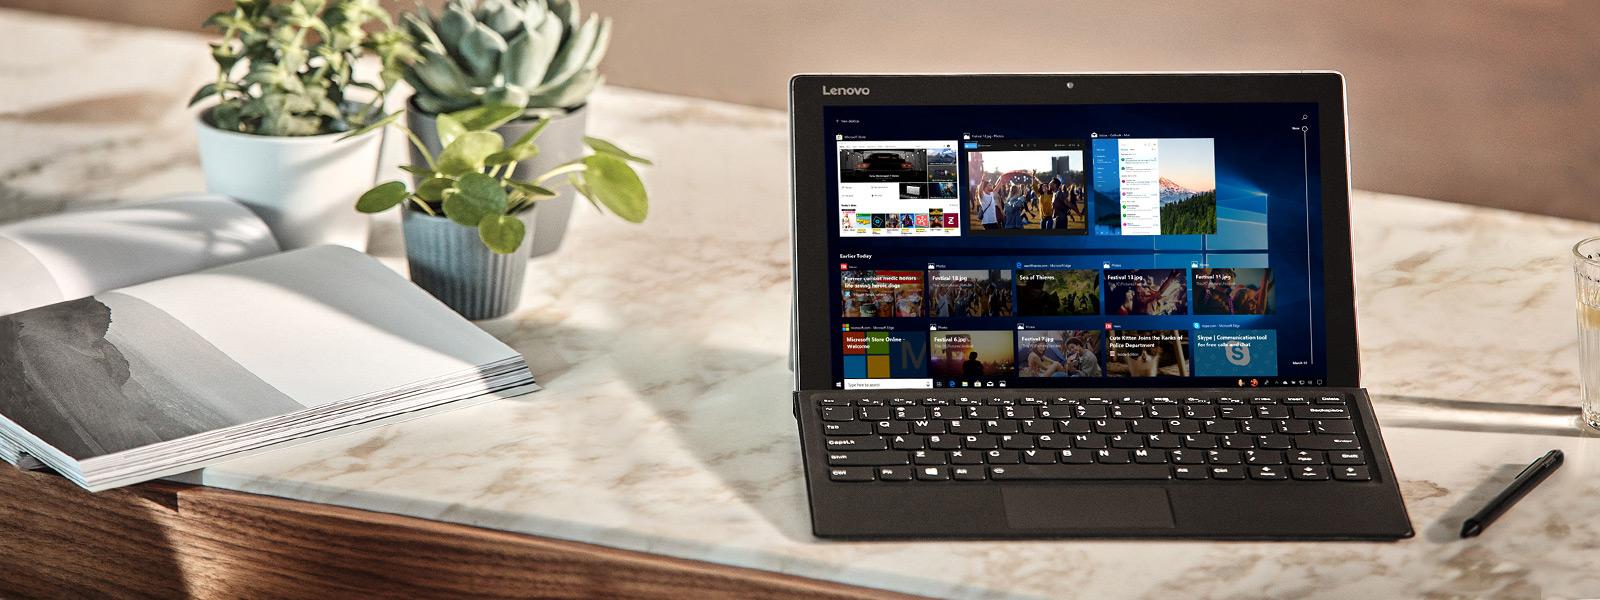 Arvutiekraanil kuvatav Windows 10 värskenduse (aprill 2018) funktsioon